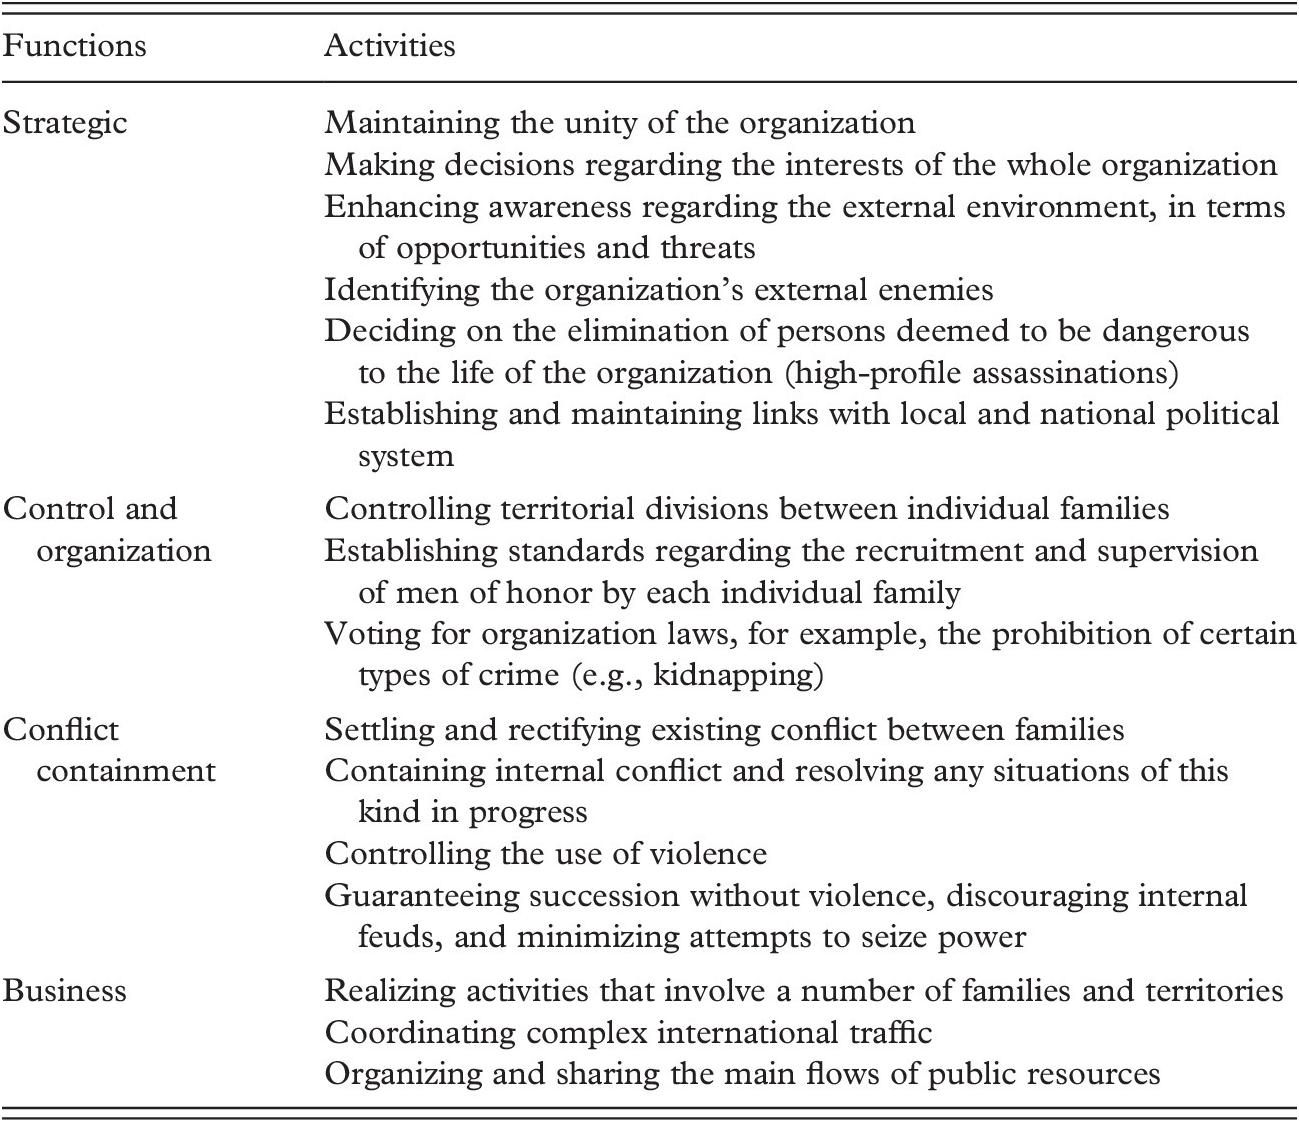 Organizational Architecture (Chapter 2) - Mafia Organizations